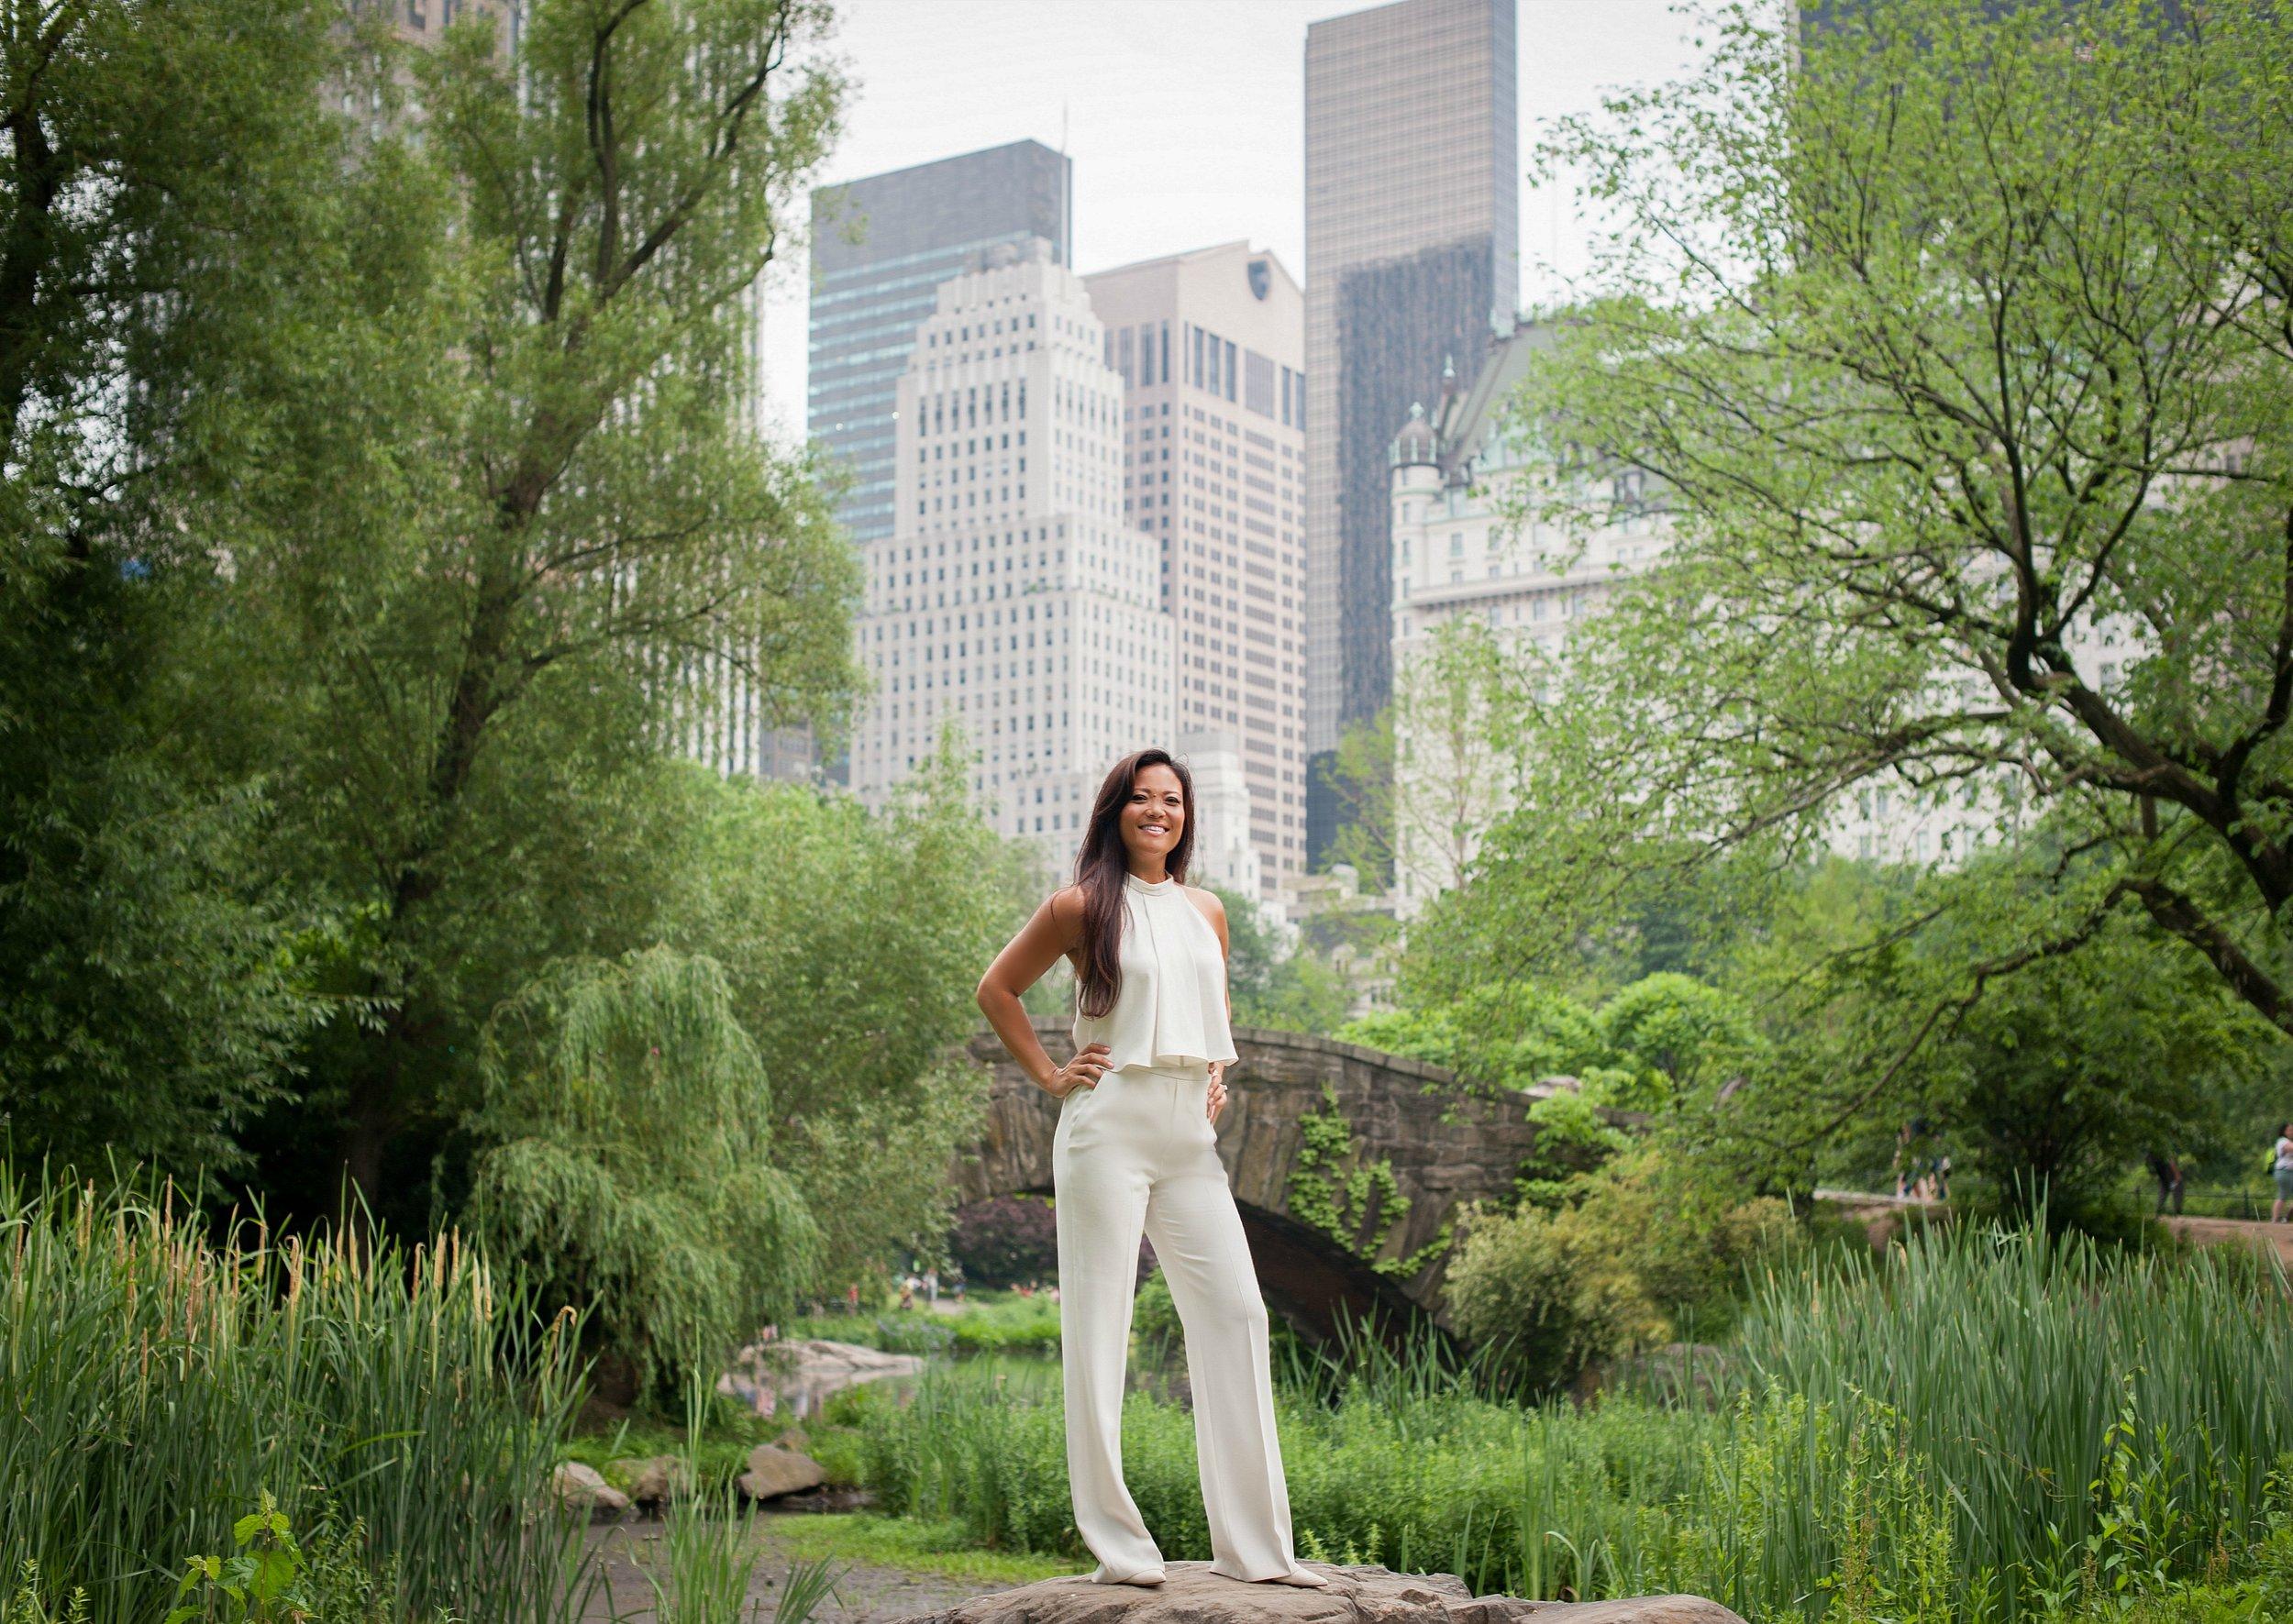 Krystal in the park